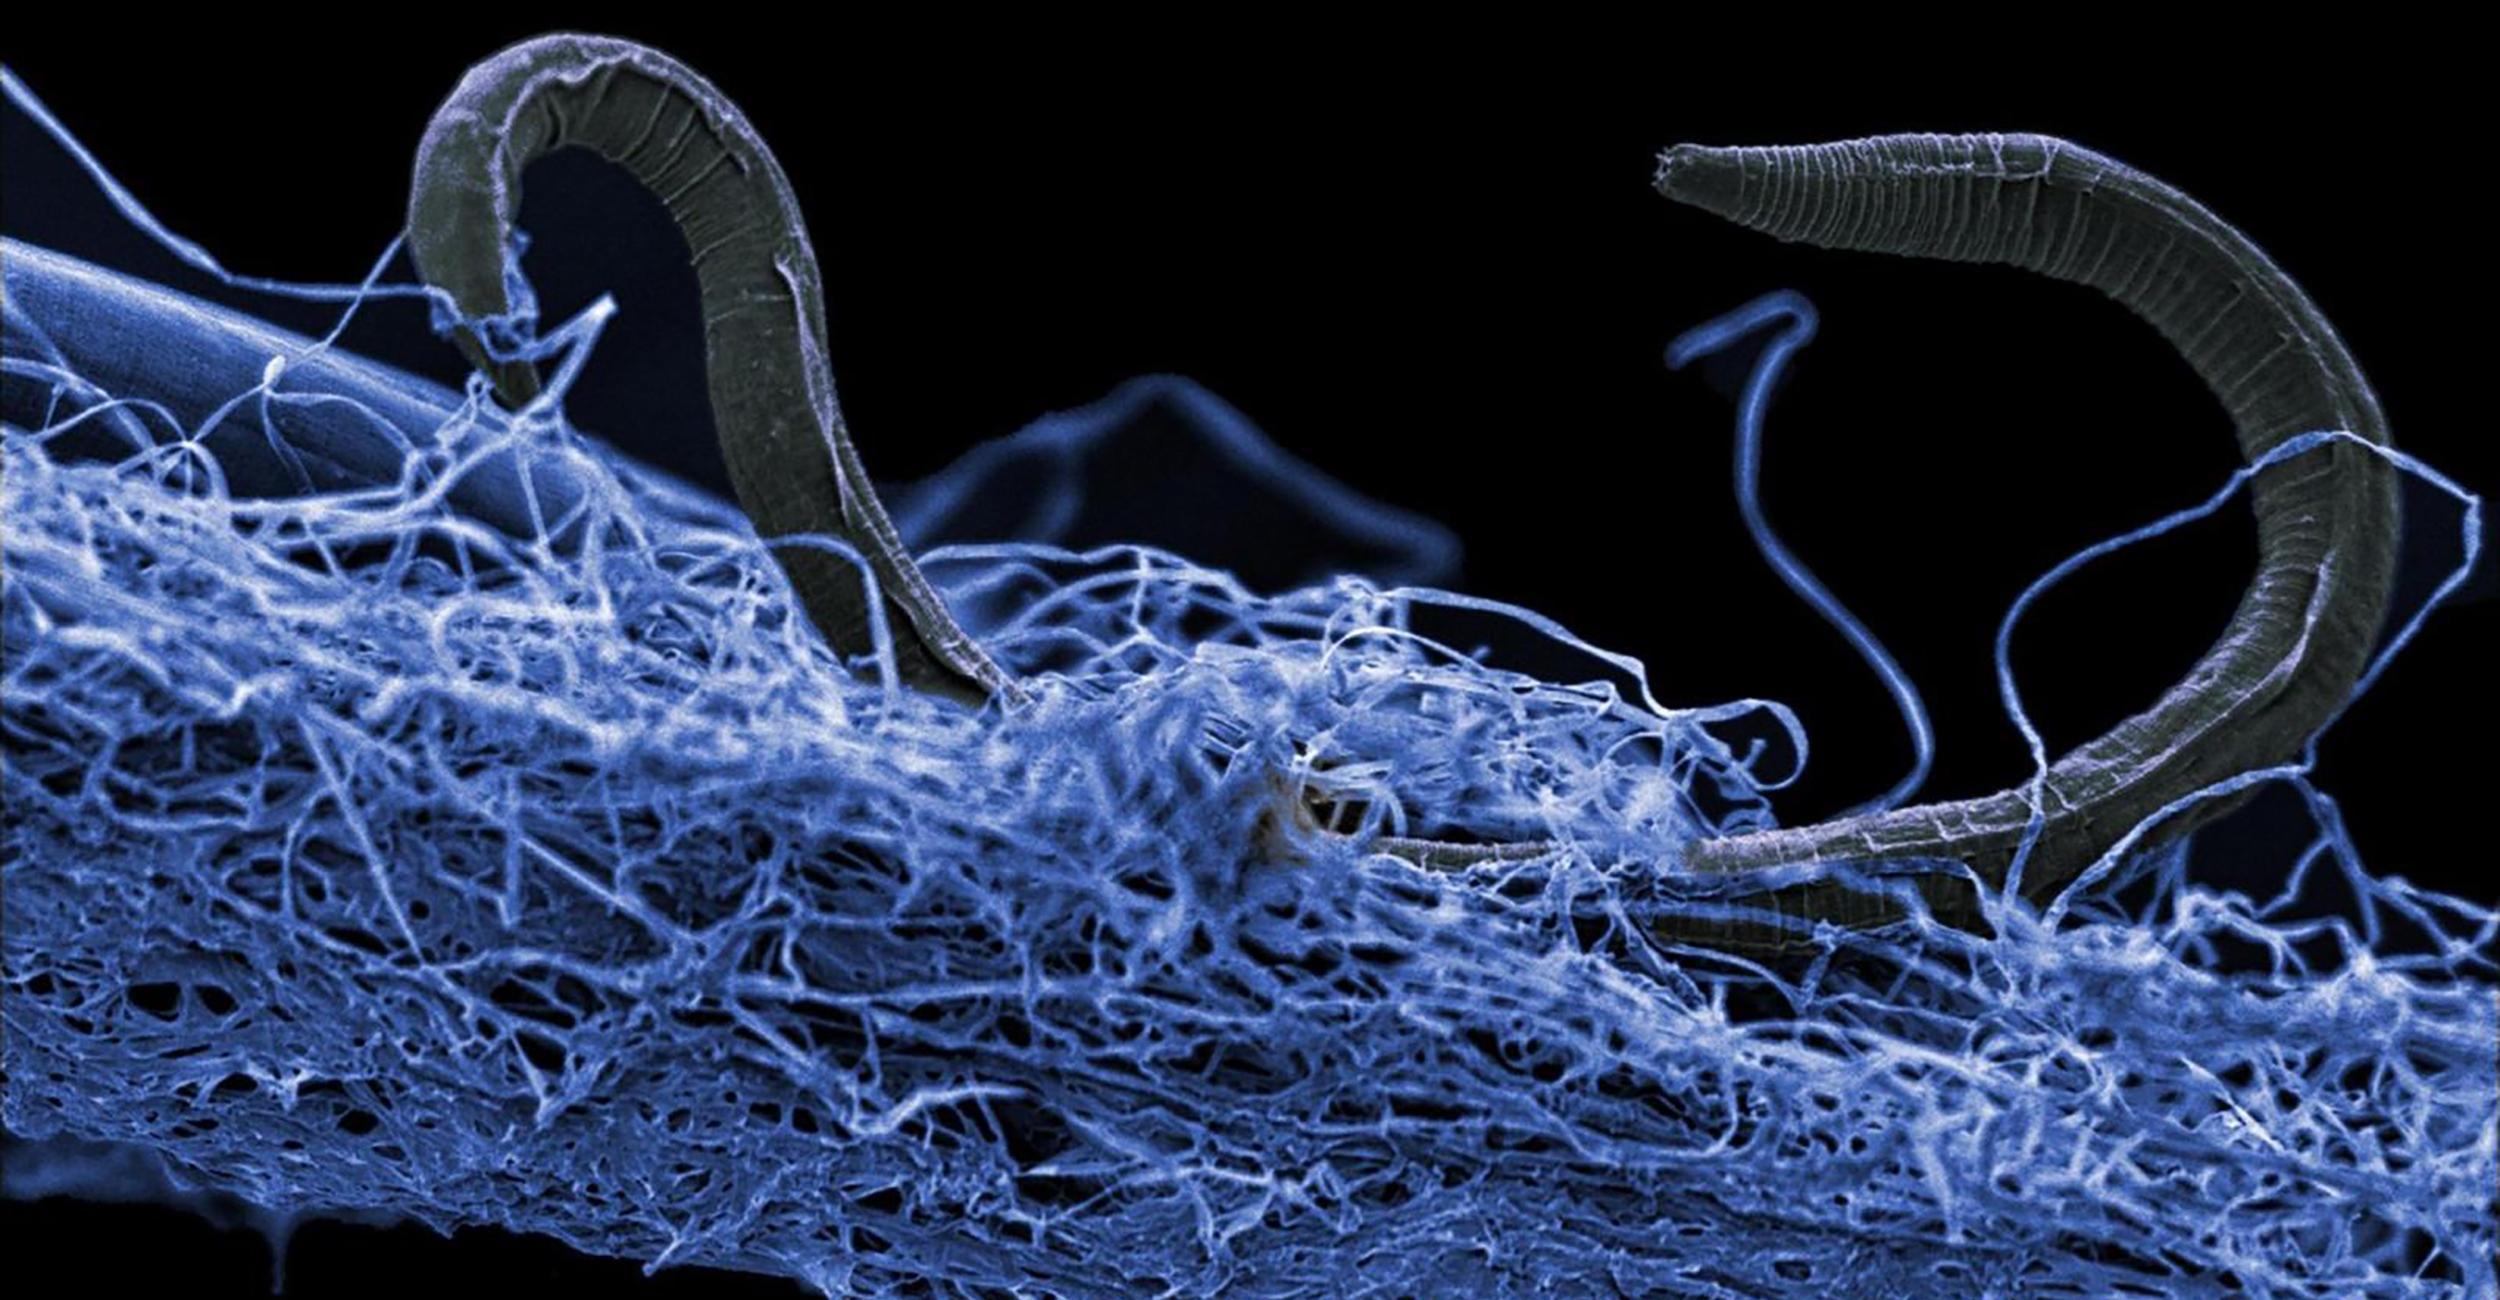 Исследователи секвенировали геном «дьявольского червя»